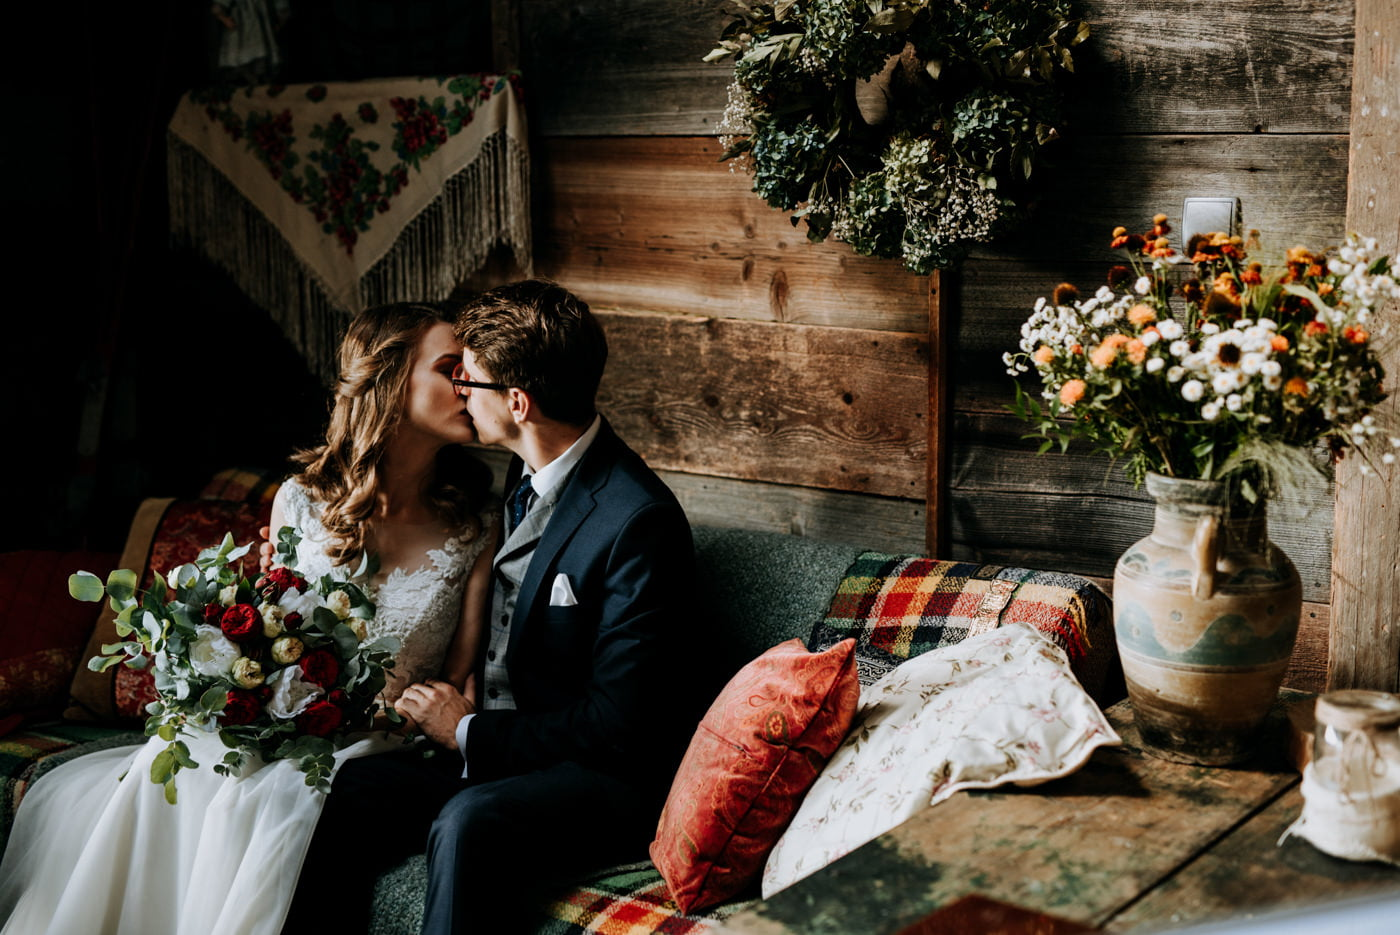 Sesja ślubna w stodole u Jojo - Monika i Kamil 2